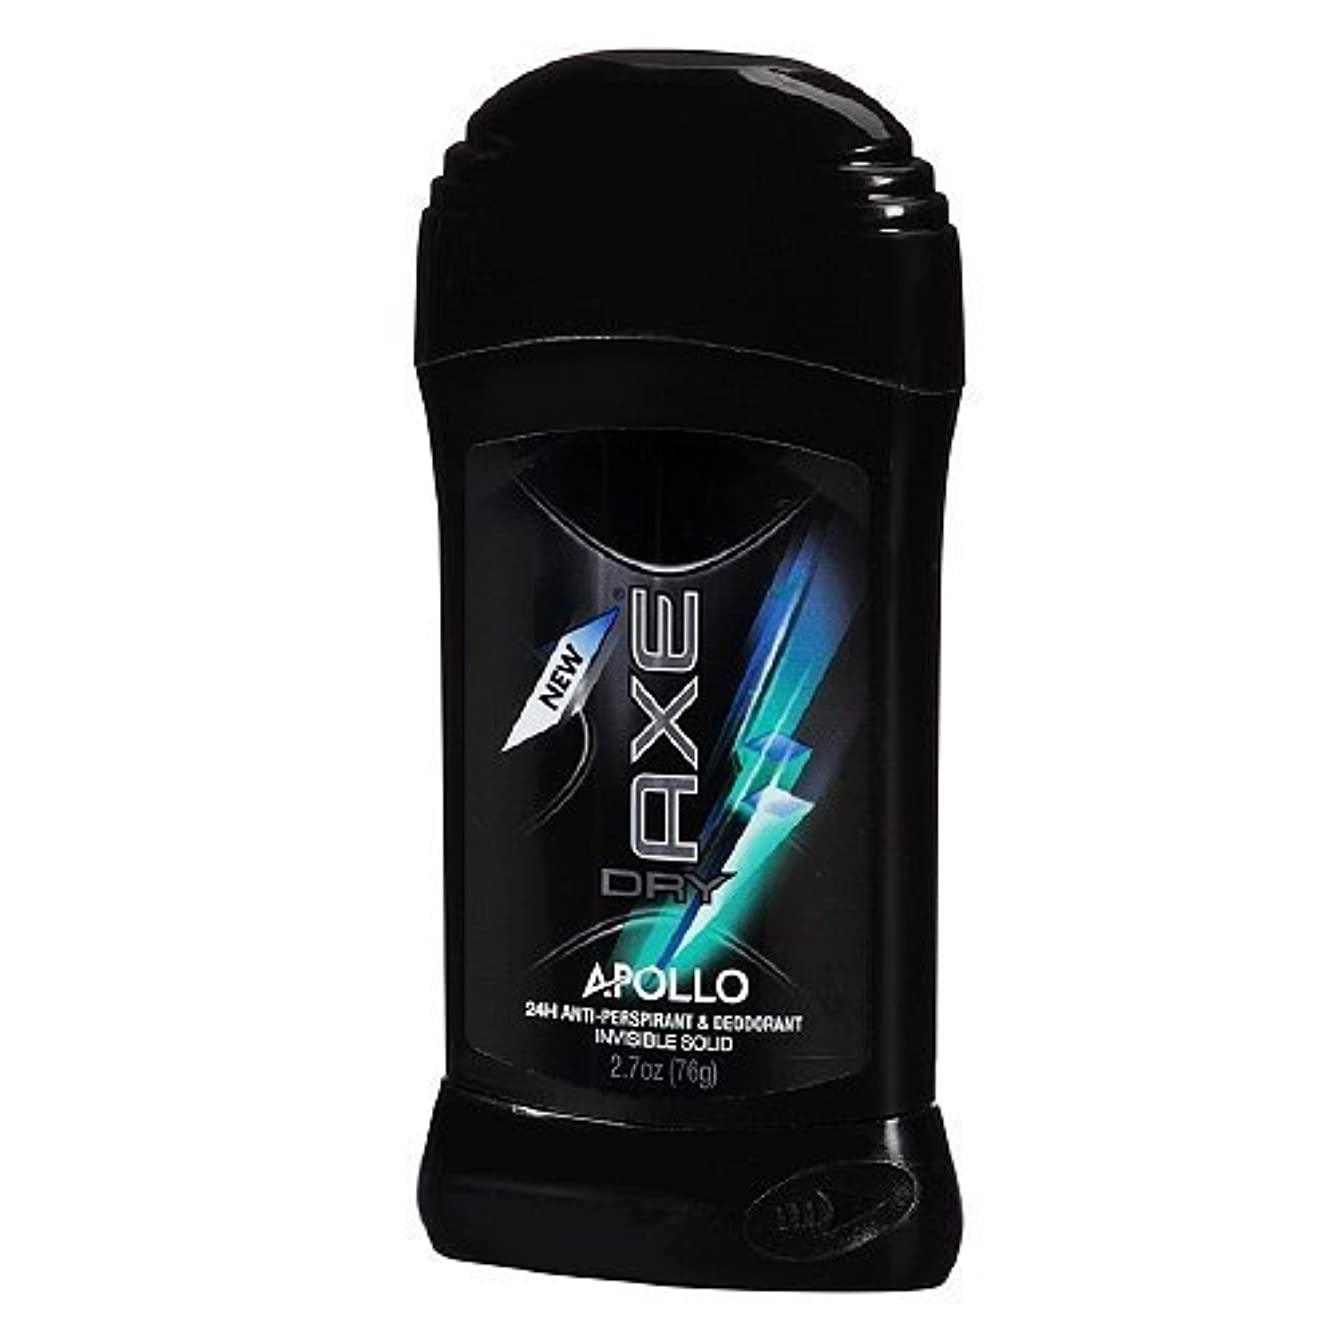 鑑定品揃えマイクロAxe Dry Antiperspirant Deodorant - Apollo - Invisible Solid - Net Wt. 2.7 OZ Each - Pack of 3 by Unilever [並行輸入品]